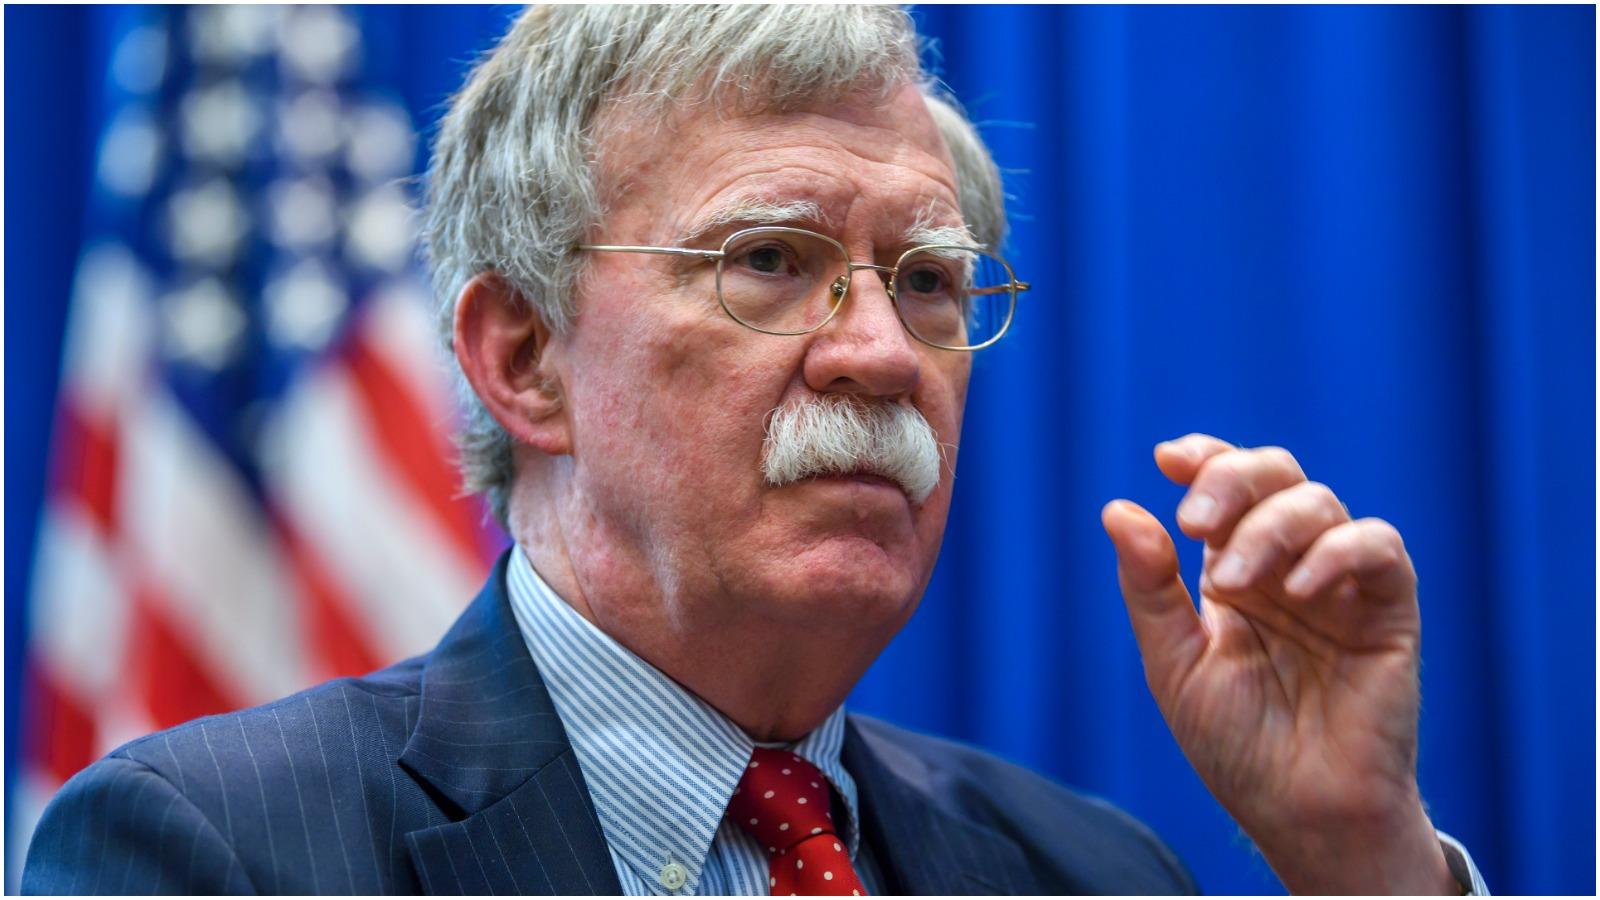 Marc Schack (FAK): Trumps nationale sikkerhedsrådgiver truer den regelbaserede verdensorden i sin kamp mod Den Internationale Straffedomstol – det bør give anledning til stor bekymring